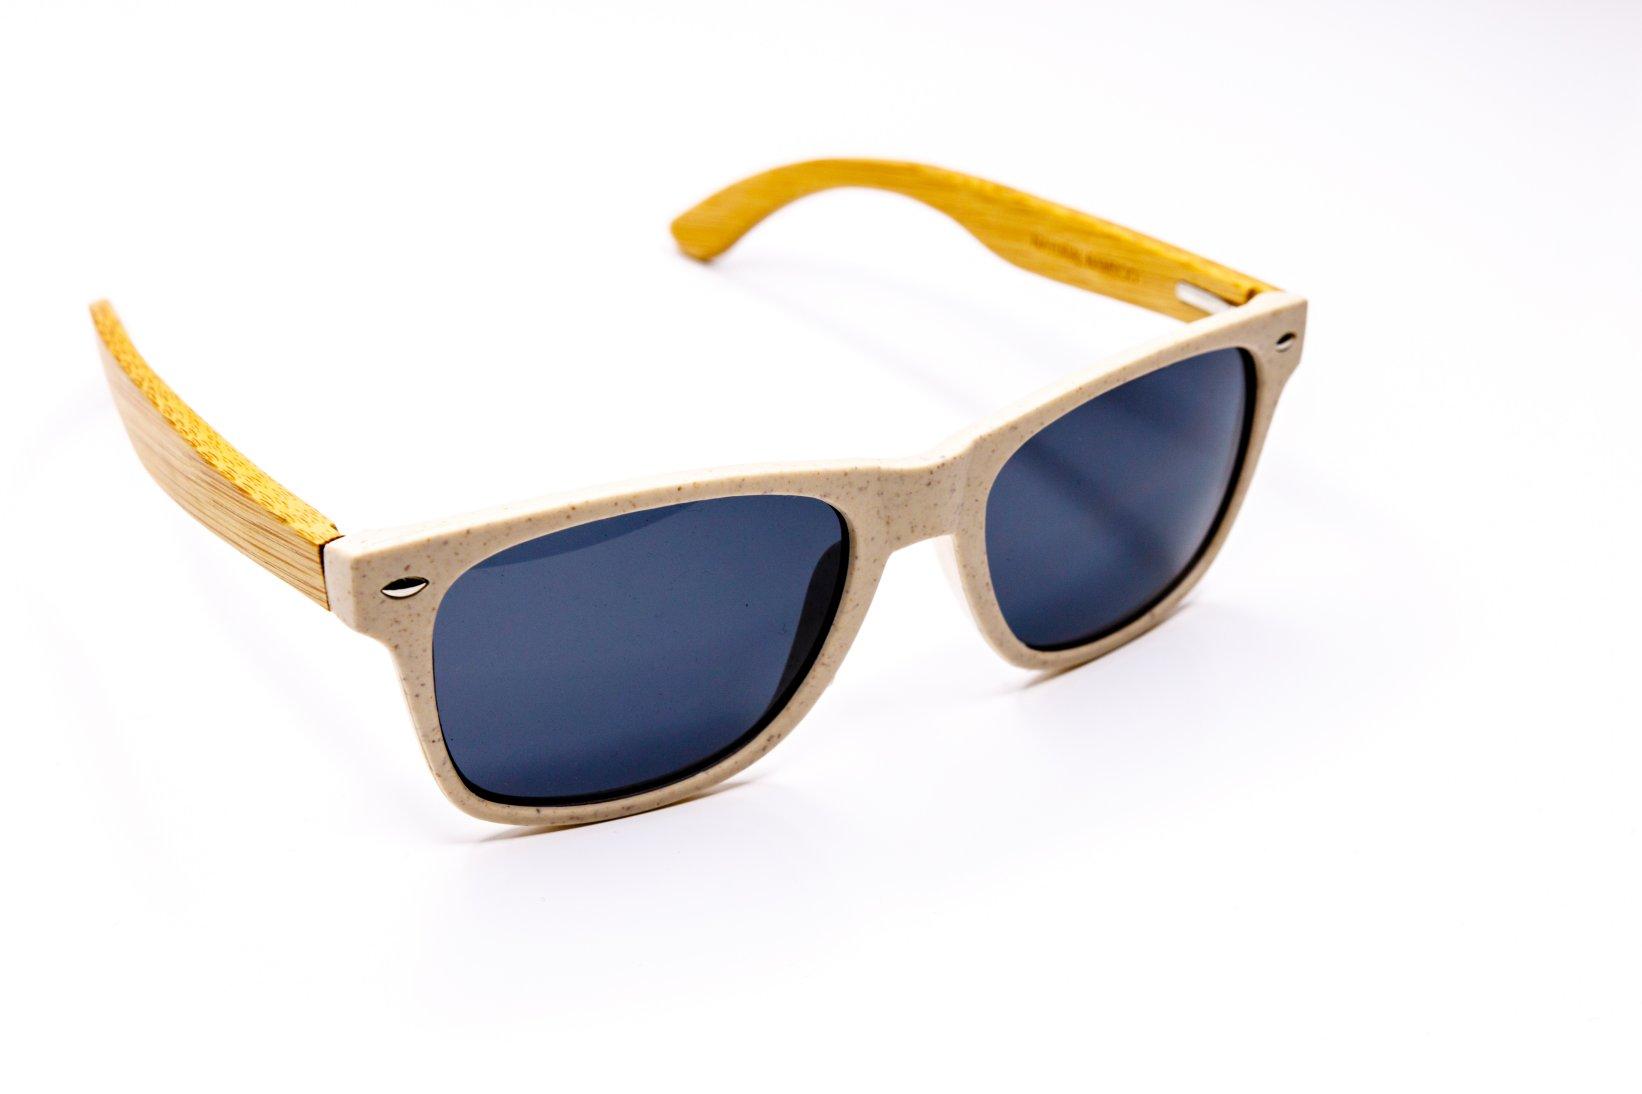 Okulary słoneczne z logo firmy